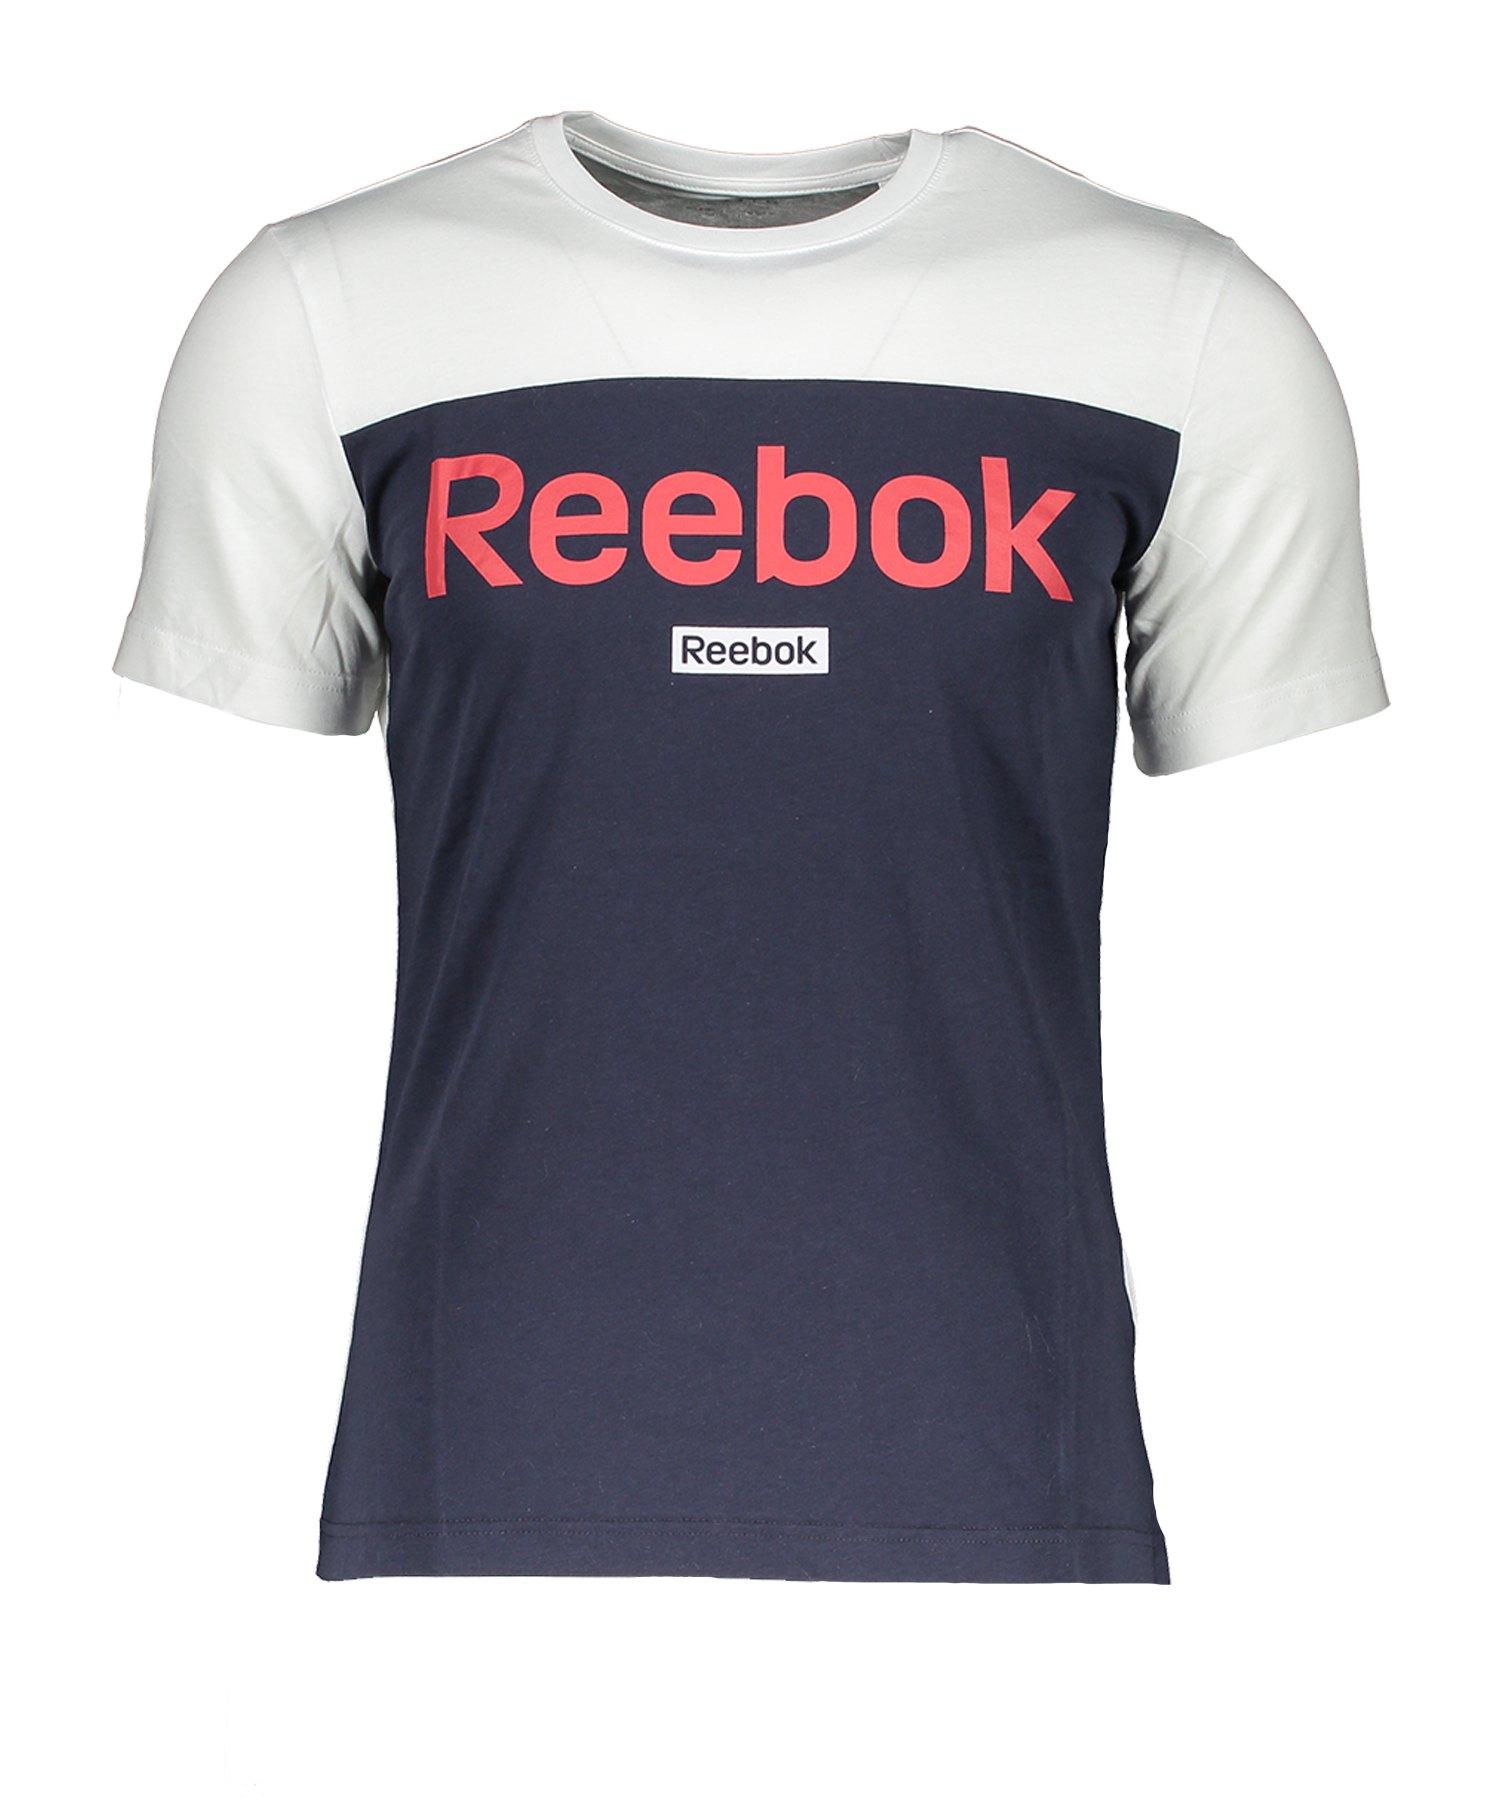 Reebok Classics Tee T-Shirt Weiss - weiss